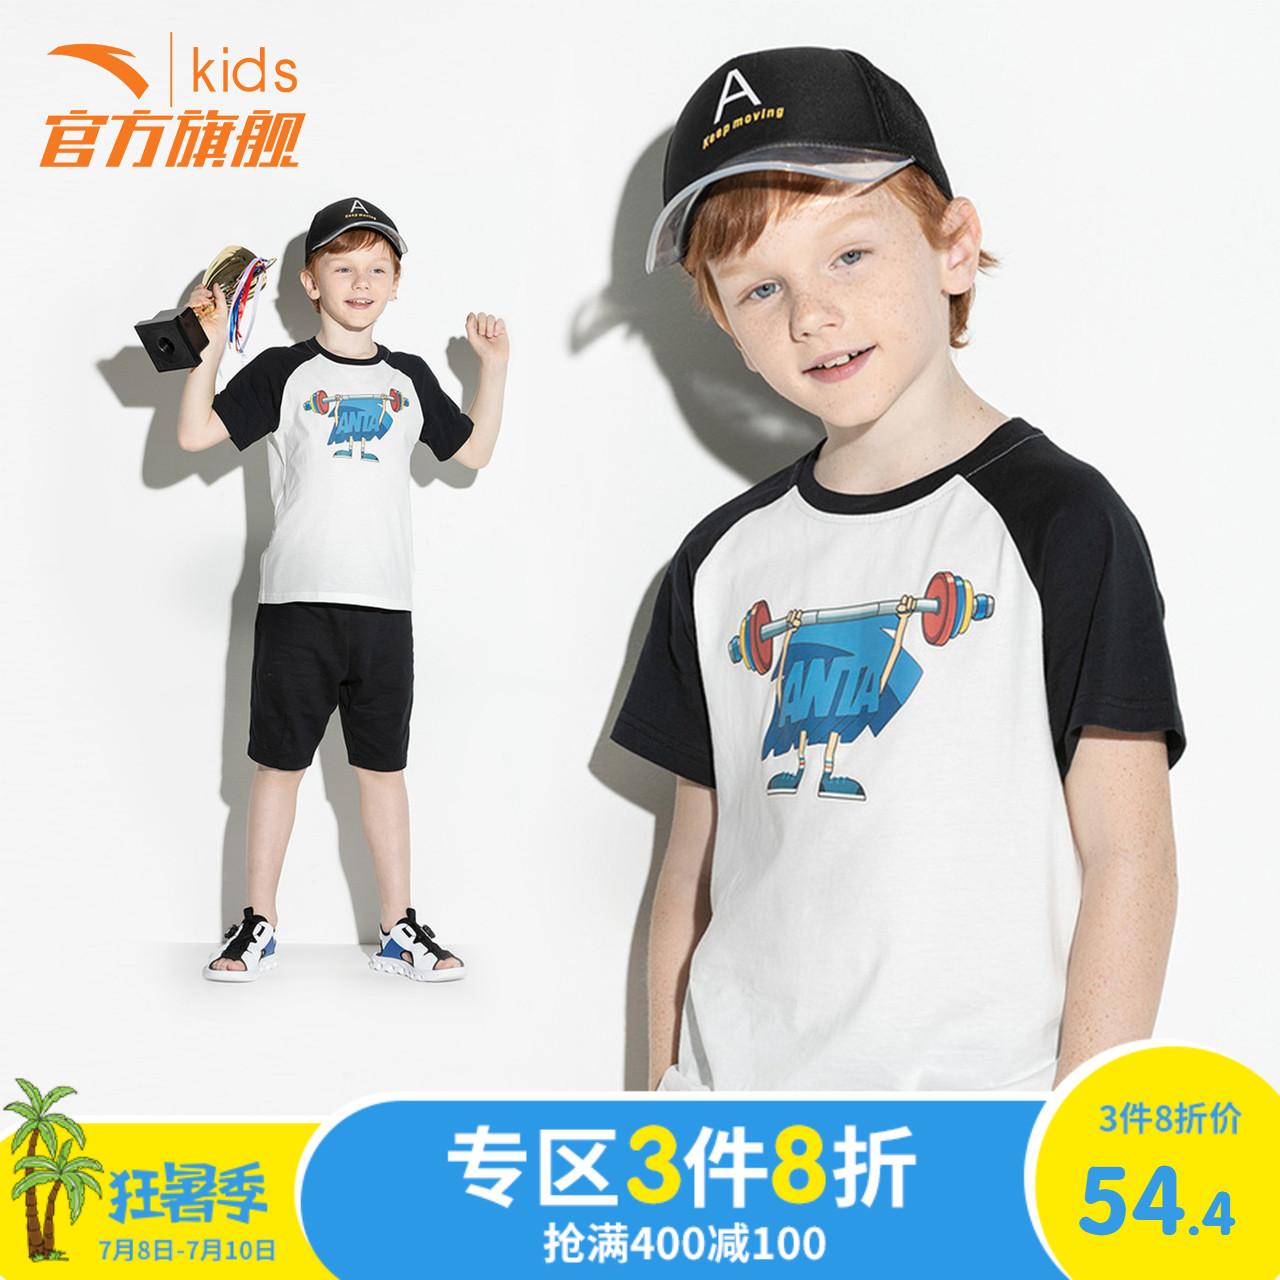 安踏童装 男童短袖T恤衫 儿童圆领短t2019夏季新款卡通图案檫肩袖